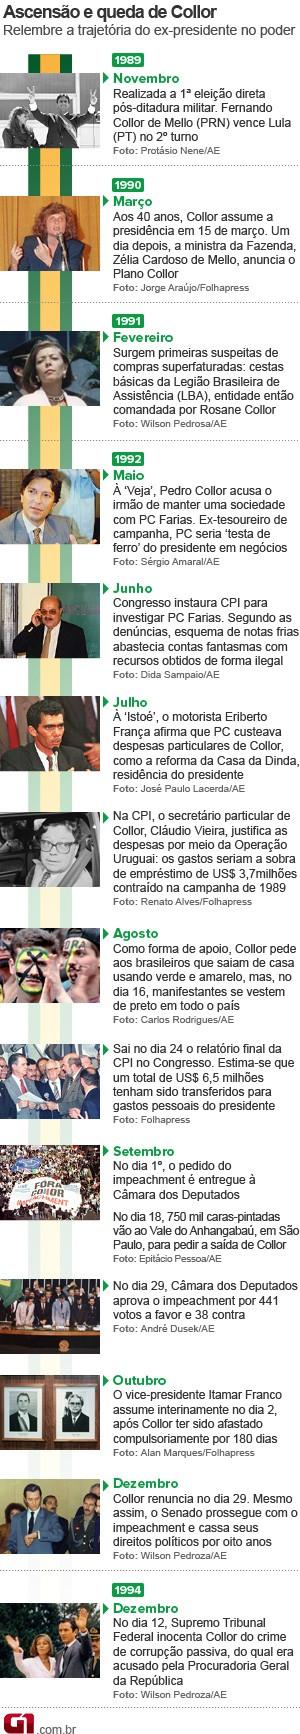 Arte impeachment collor 20 anos vale esta (Foto: Arte/G1)